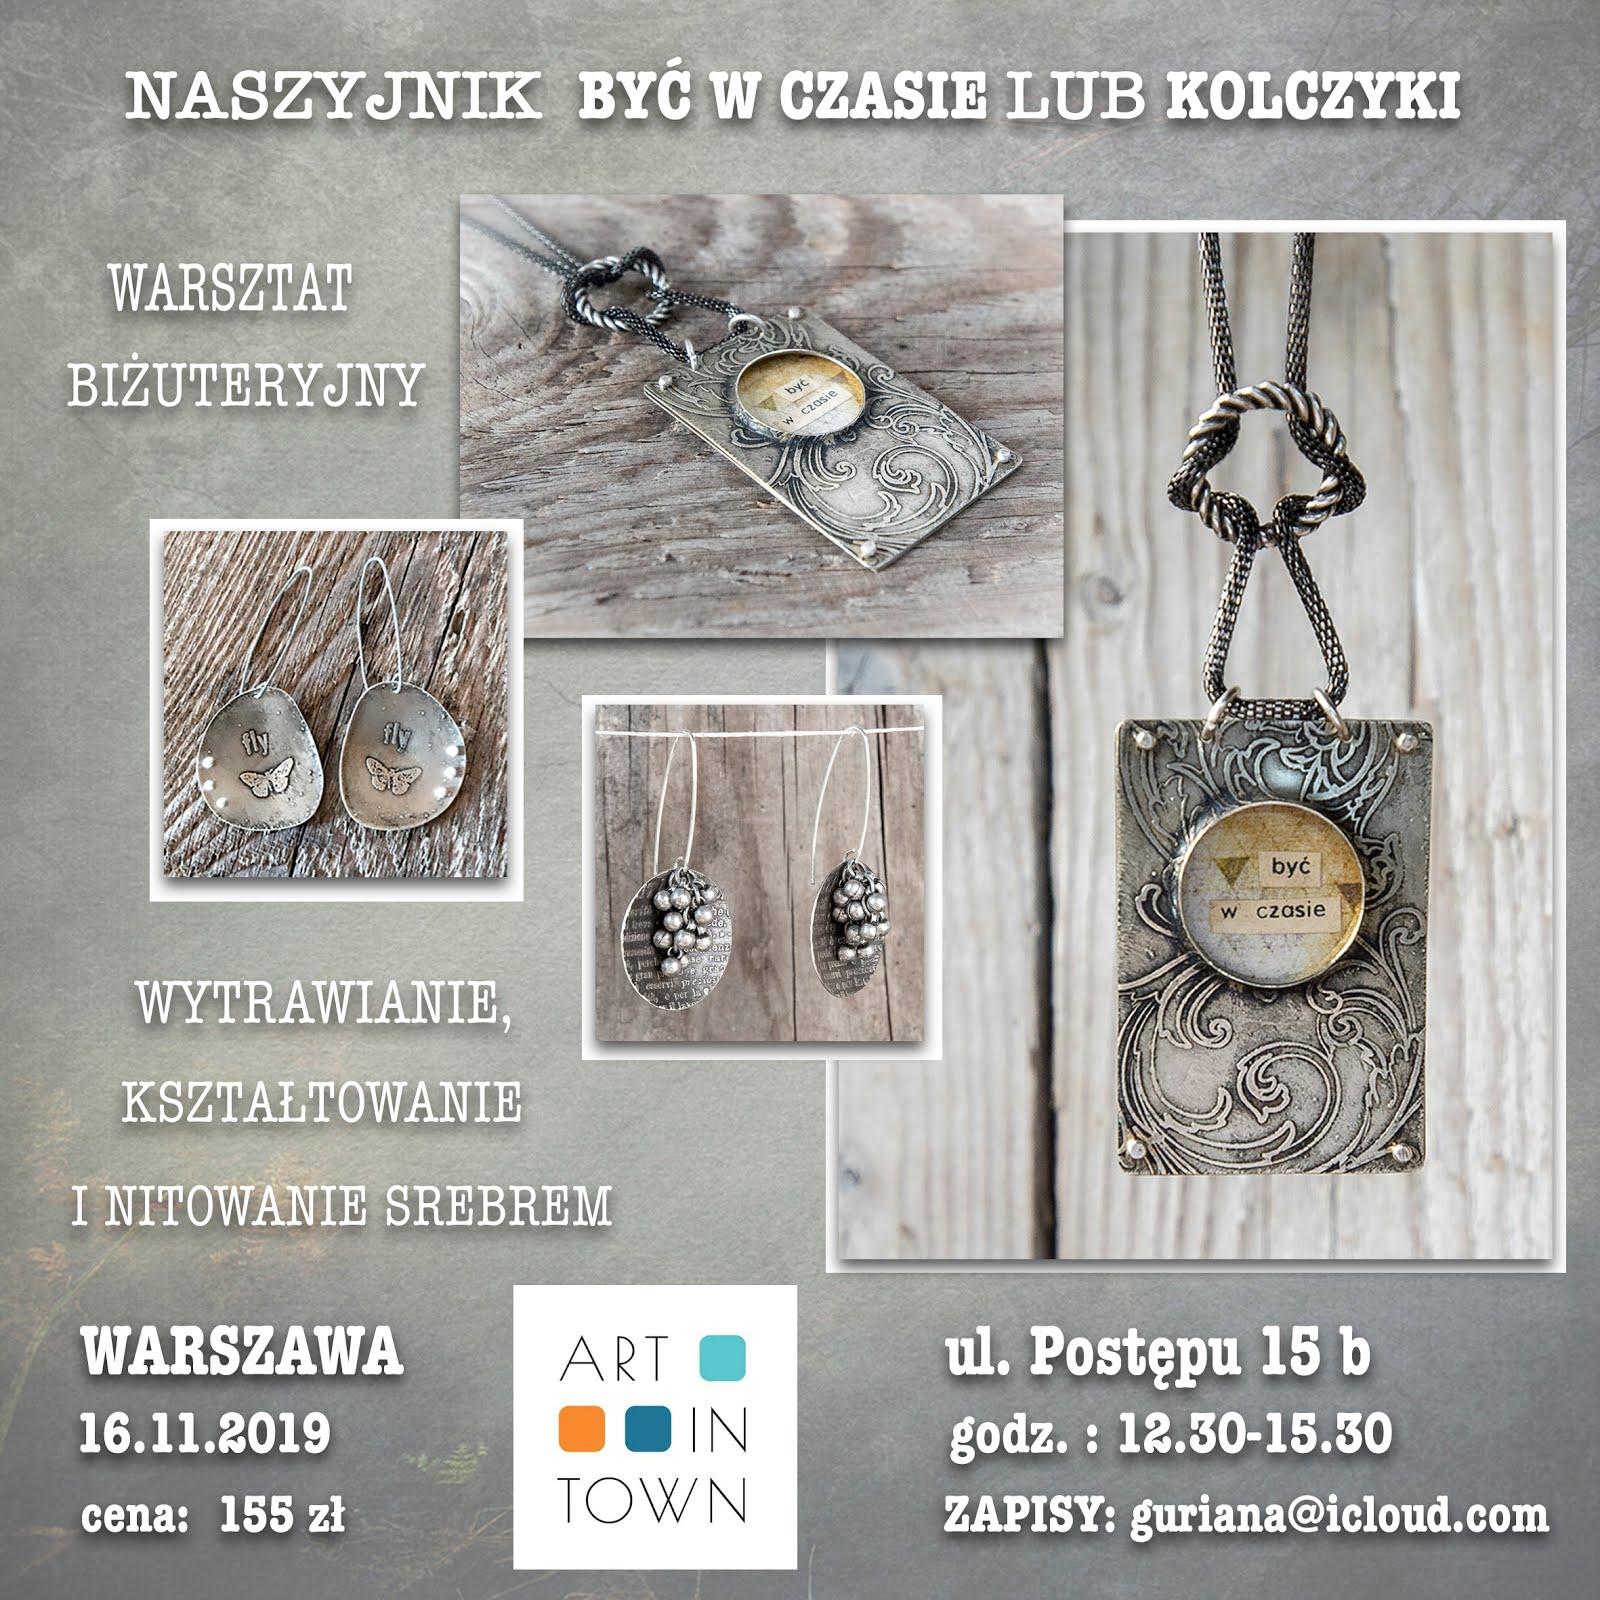 Art in Town - Warszawa - naszyjnik BYC W CZASIE lub KOLCZYKI